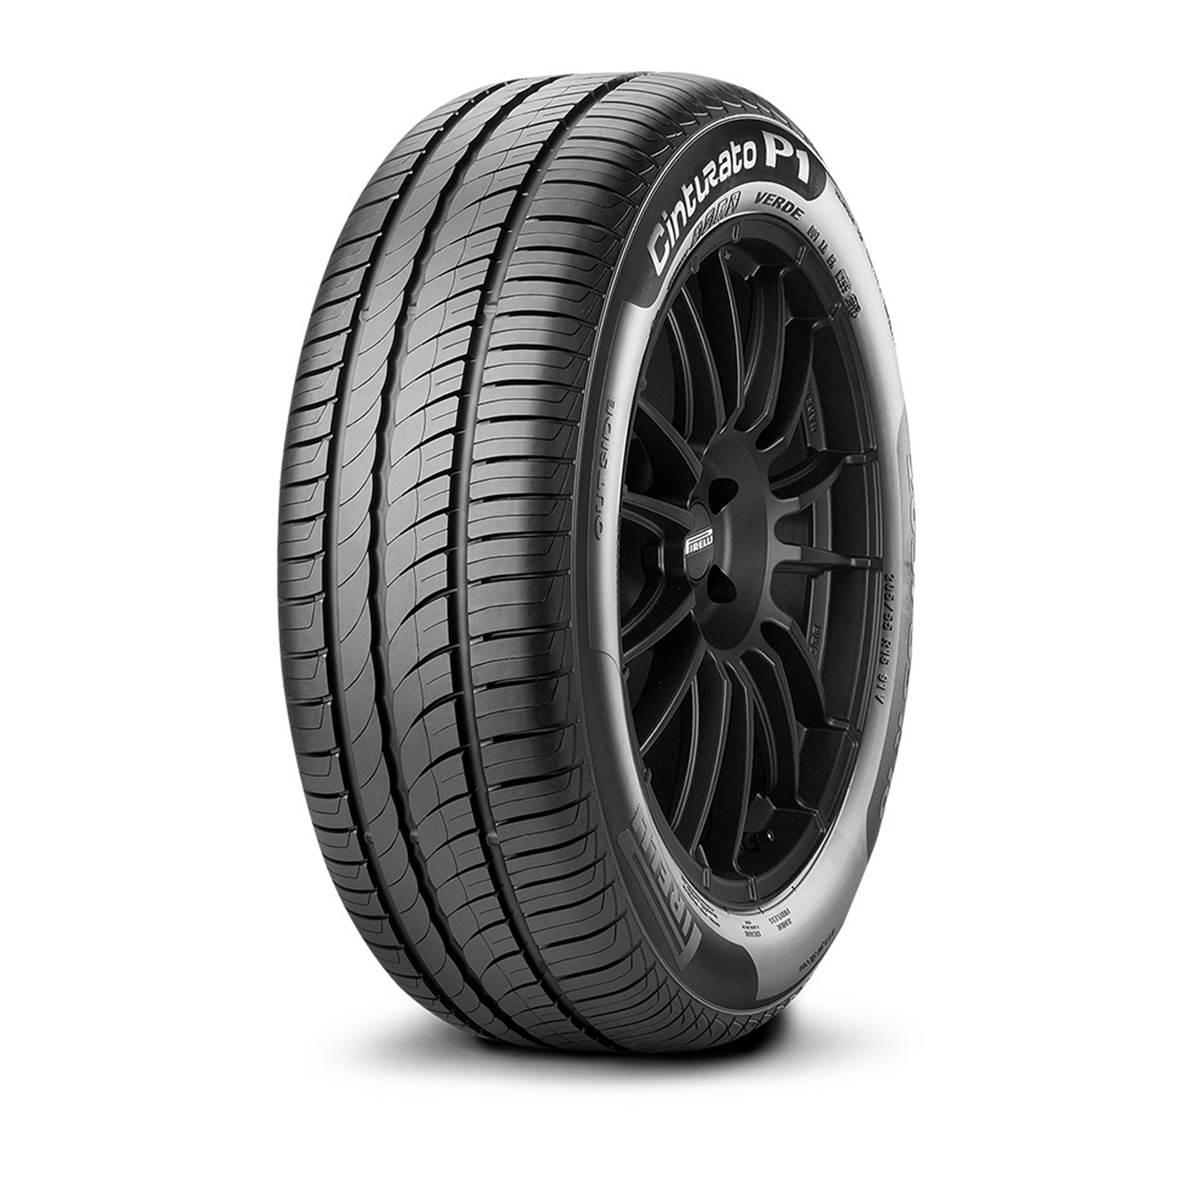 Pneu Pirelli 185/65R15 88H Cinturato P1 Verde